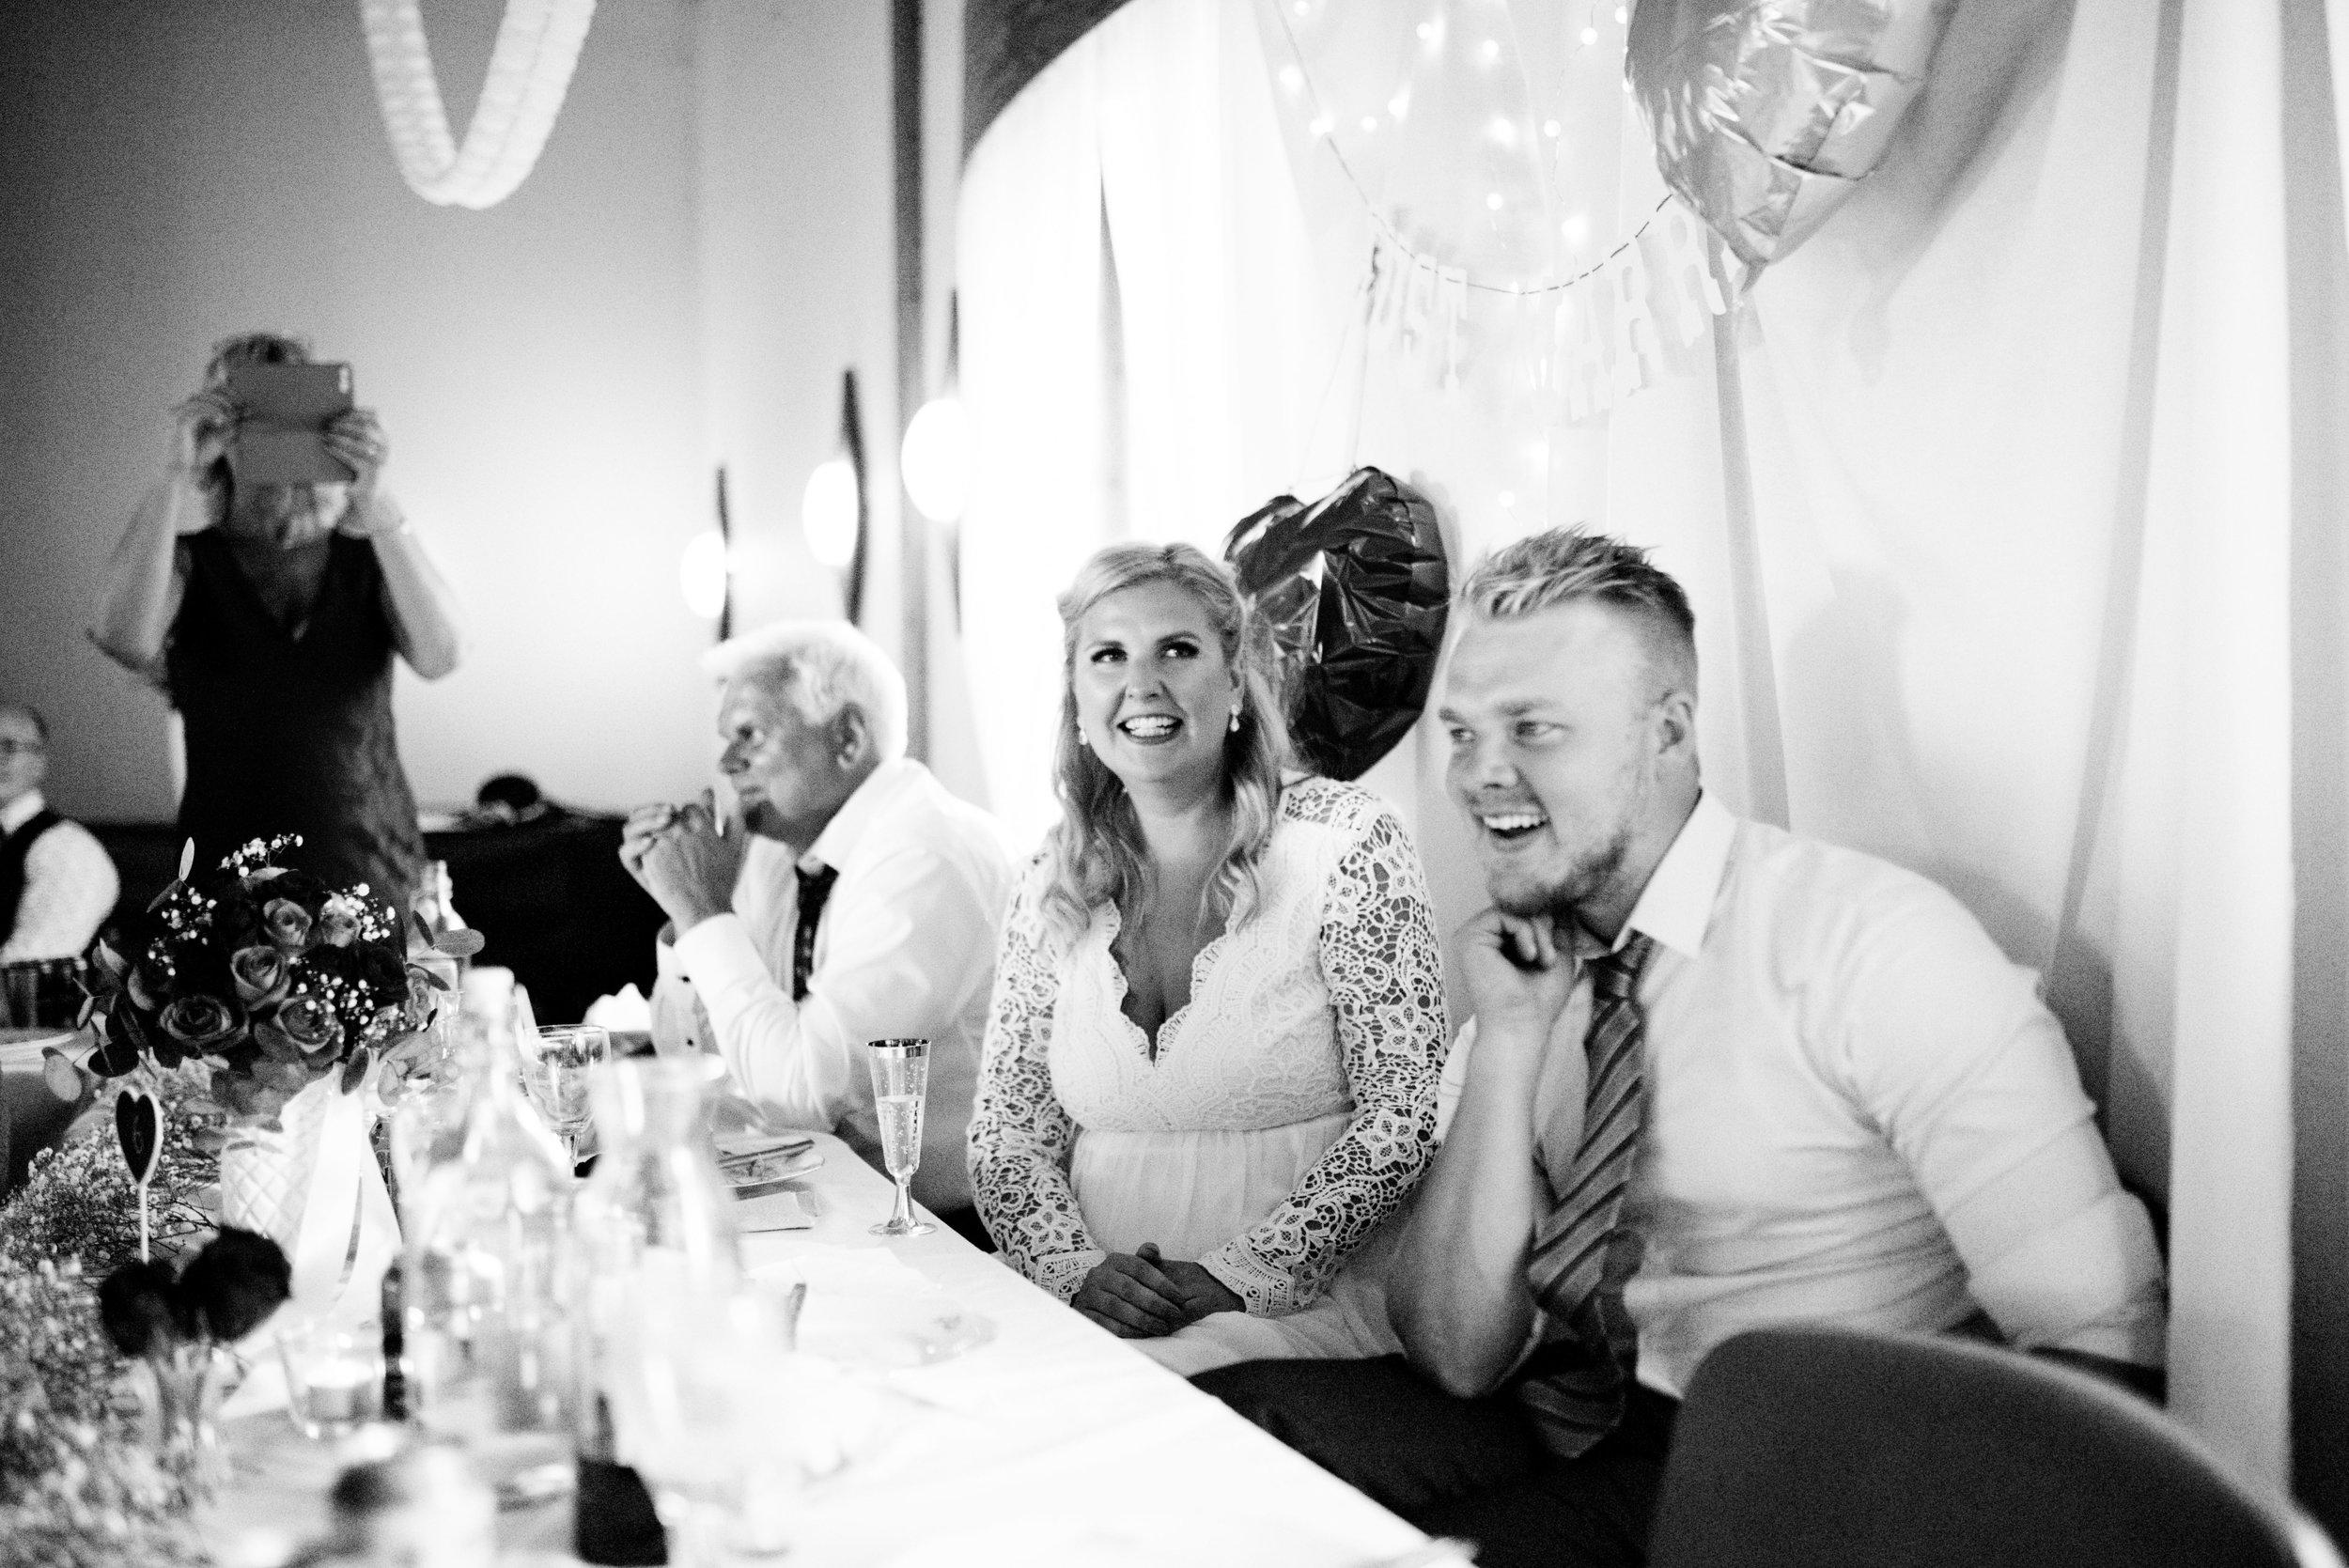 Bröllop2019lågkvall2-6252.jpg